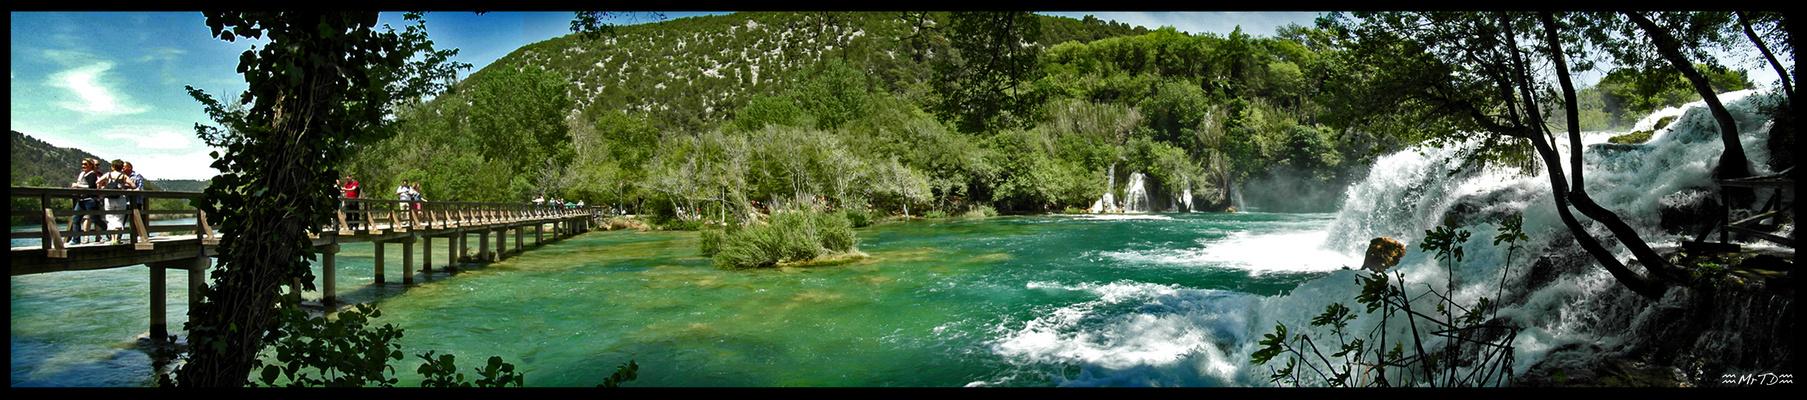 Rivière Krka, Croatie